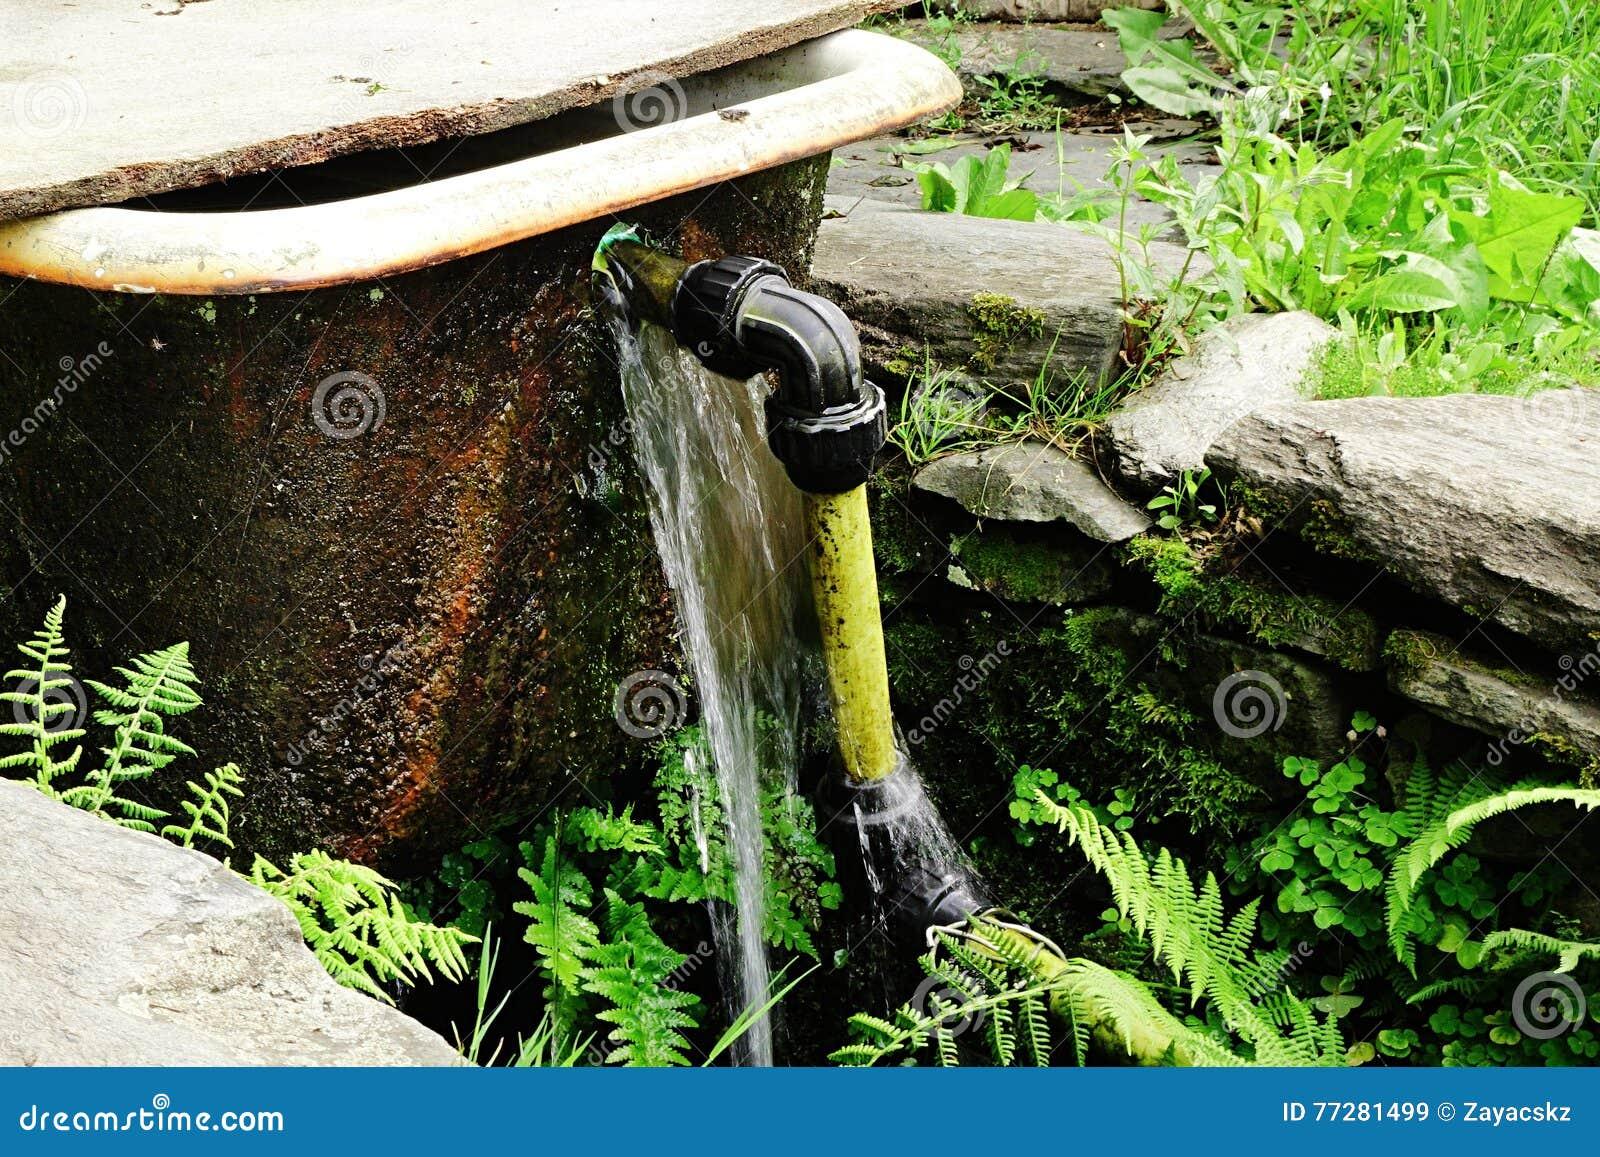 Génial Que Faire Avec Une Vieille Baignoire la vieille baignoire avec le tuyau jaune installé comme barrière et